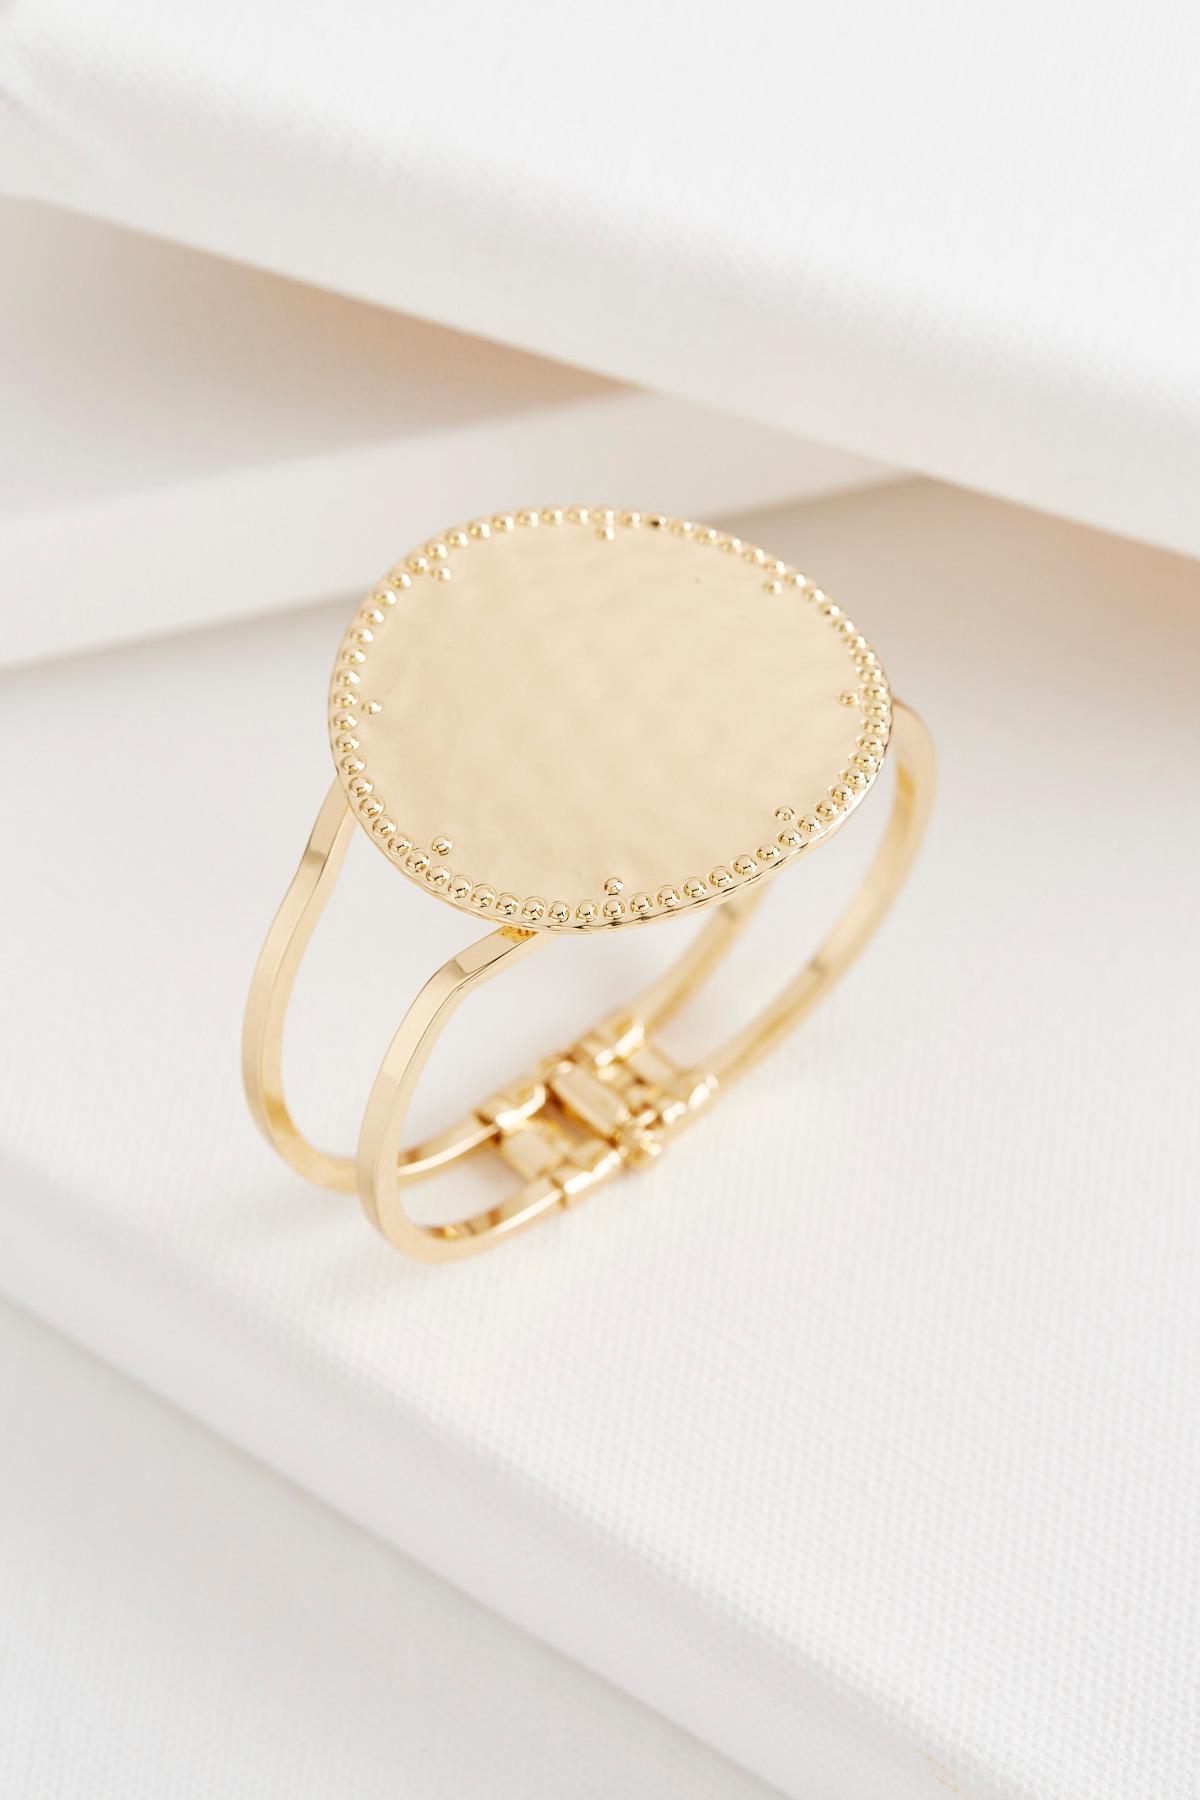 Hammered Hinge Bracelet